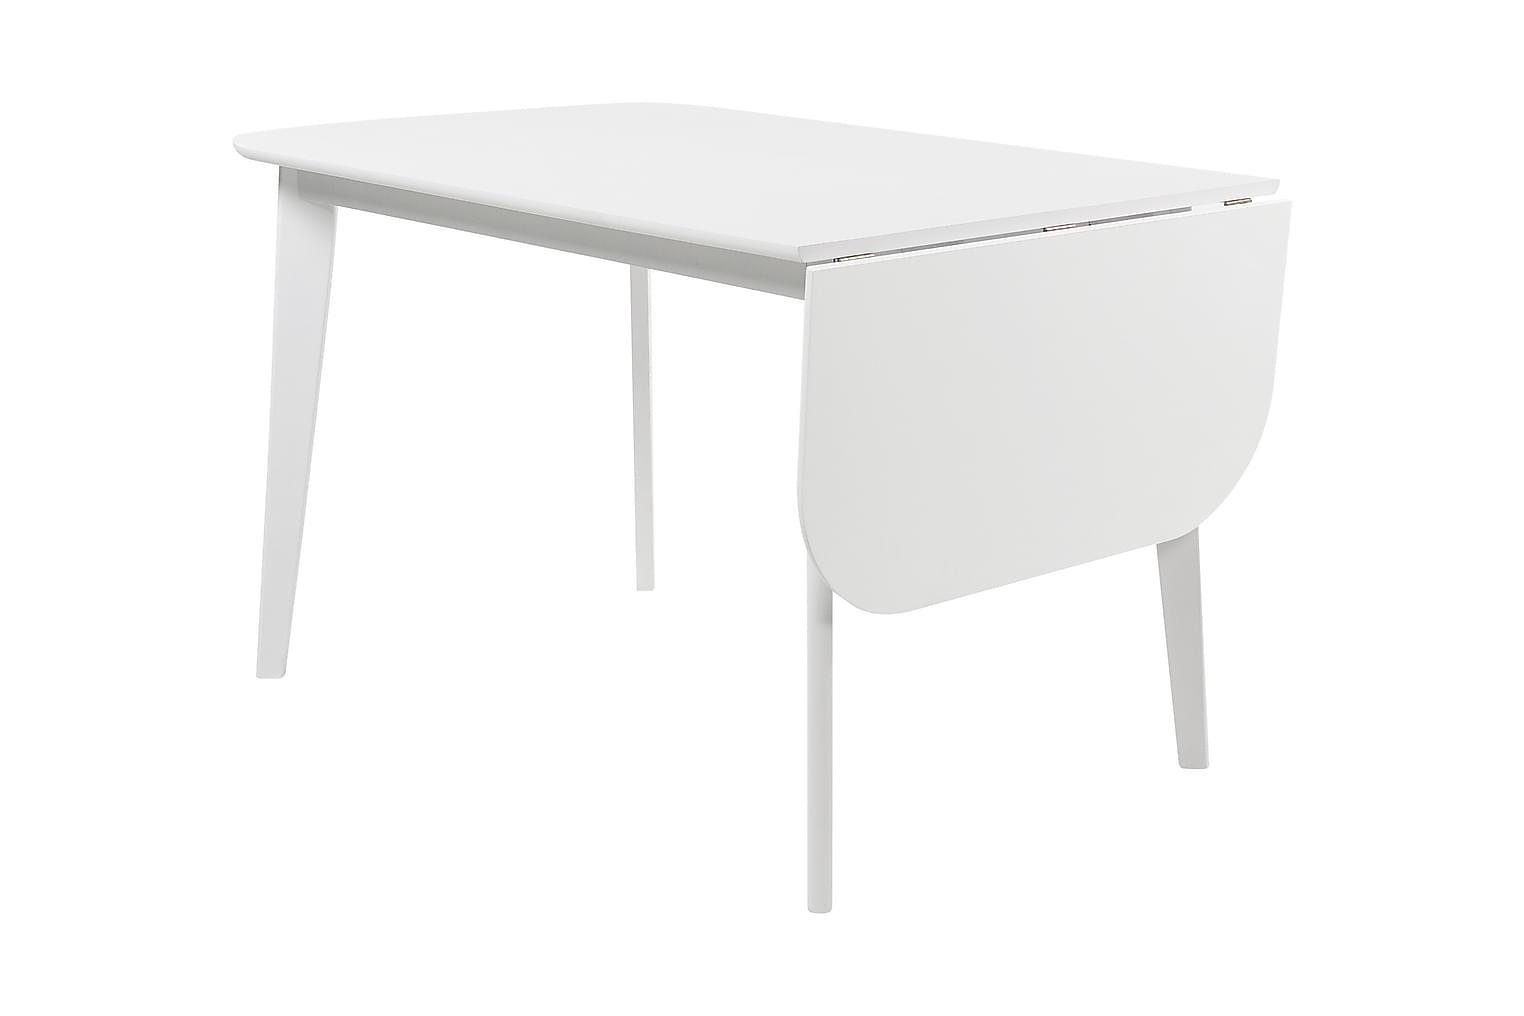 ELLINORE Jatkettava Pöytä 120 Valkoinen